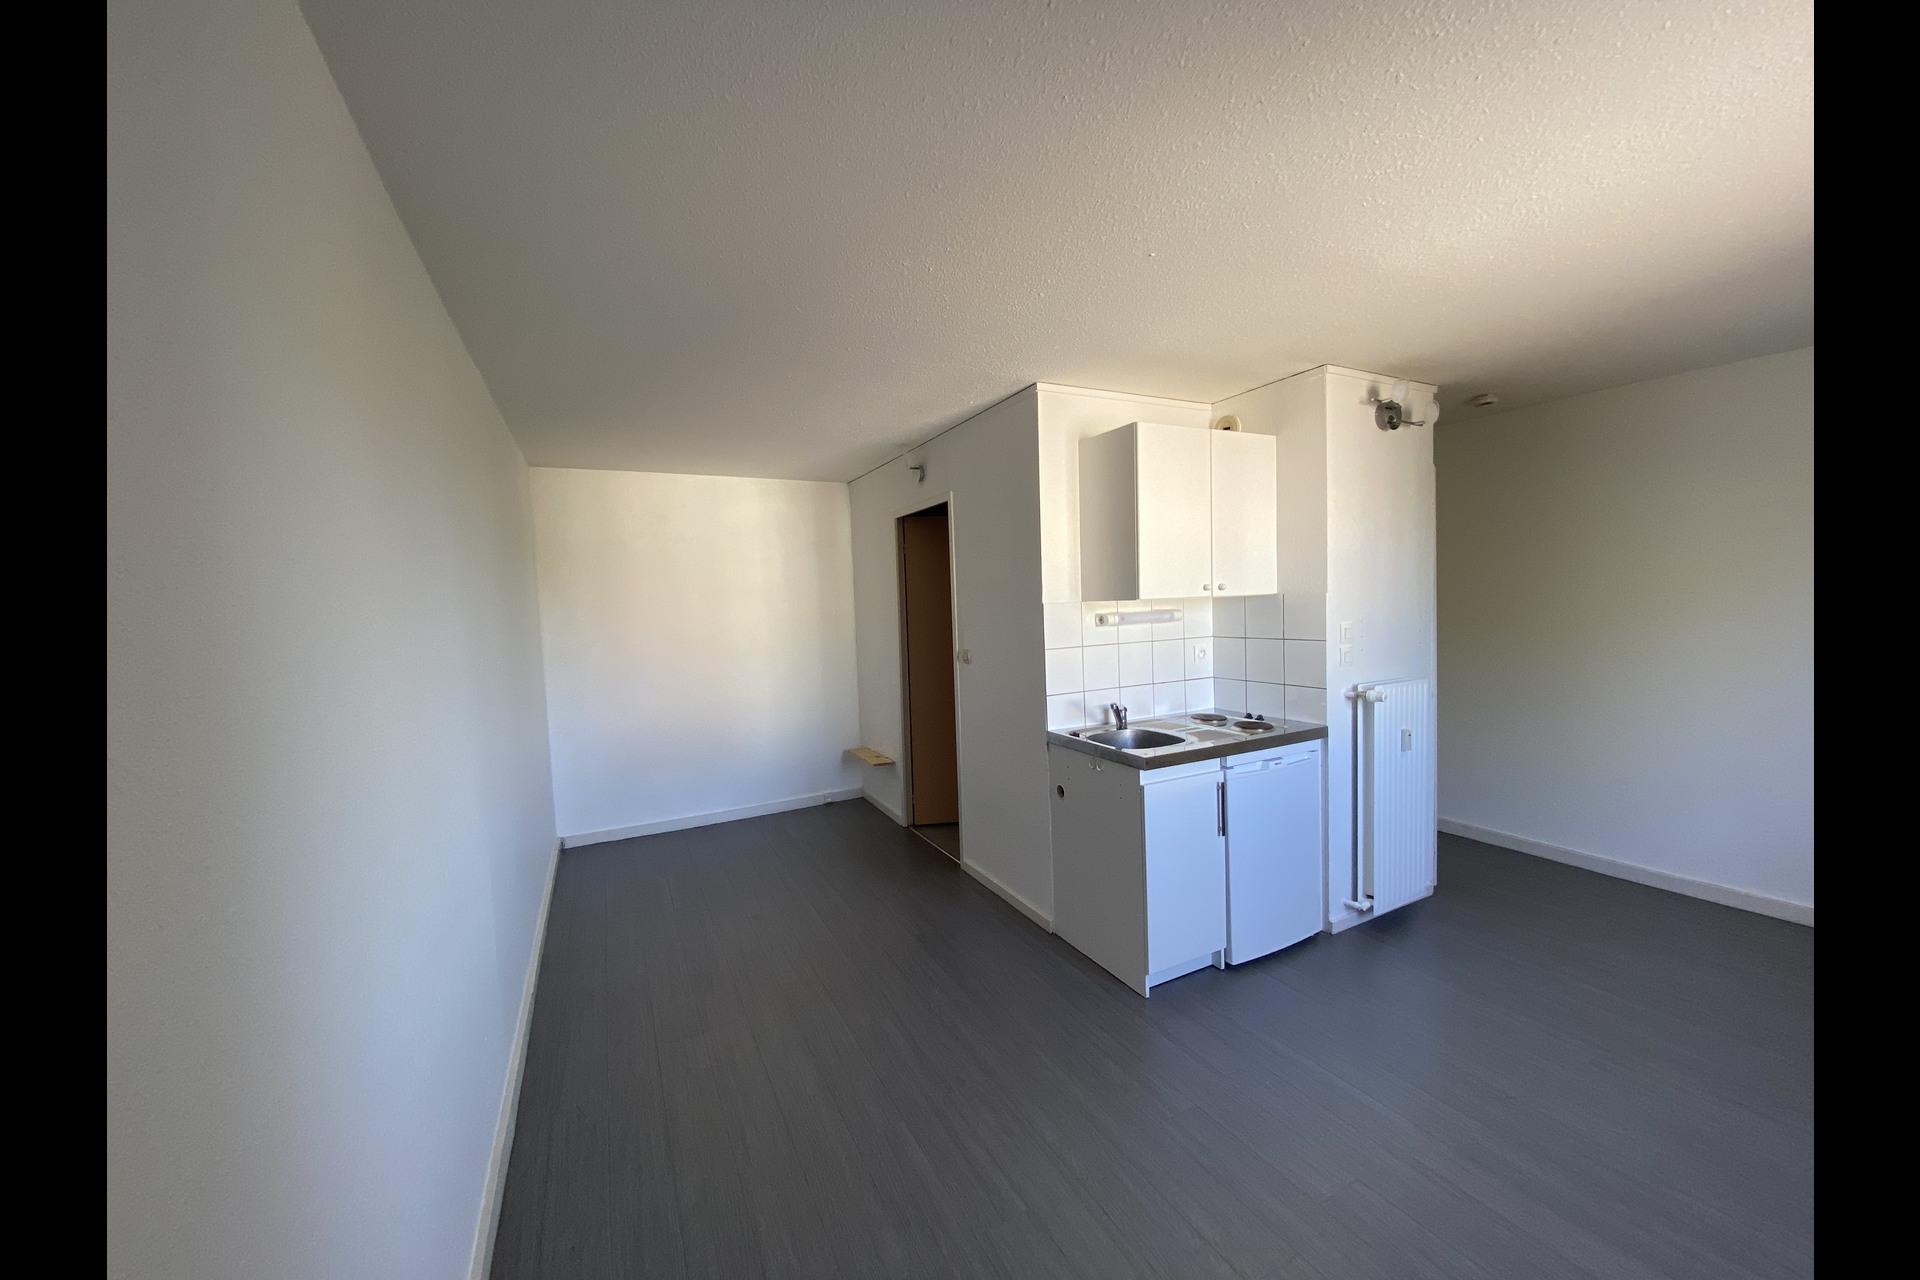 image 0 - Appartement À louer VANDOEUVRE LES NANCY VANDOEUVRE  BRABOIS  - 1 pièce